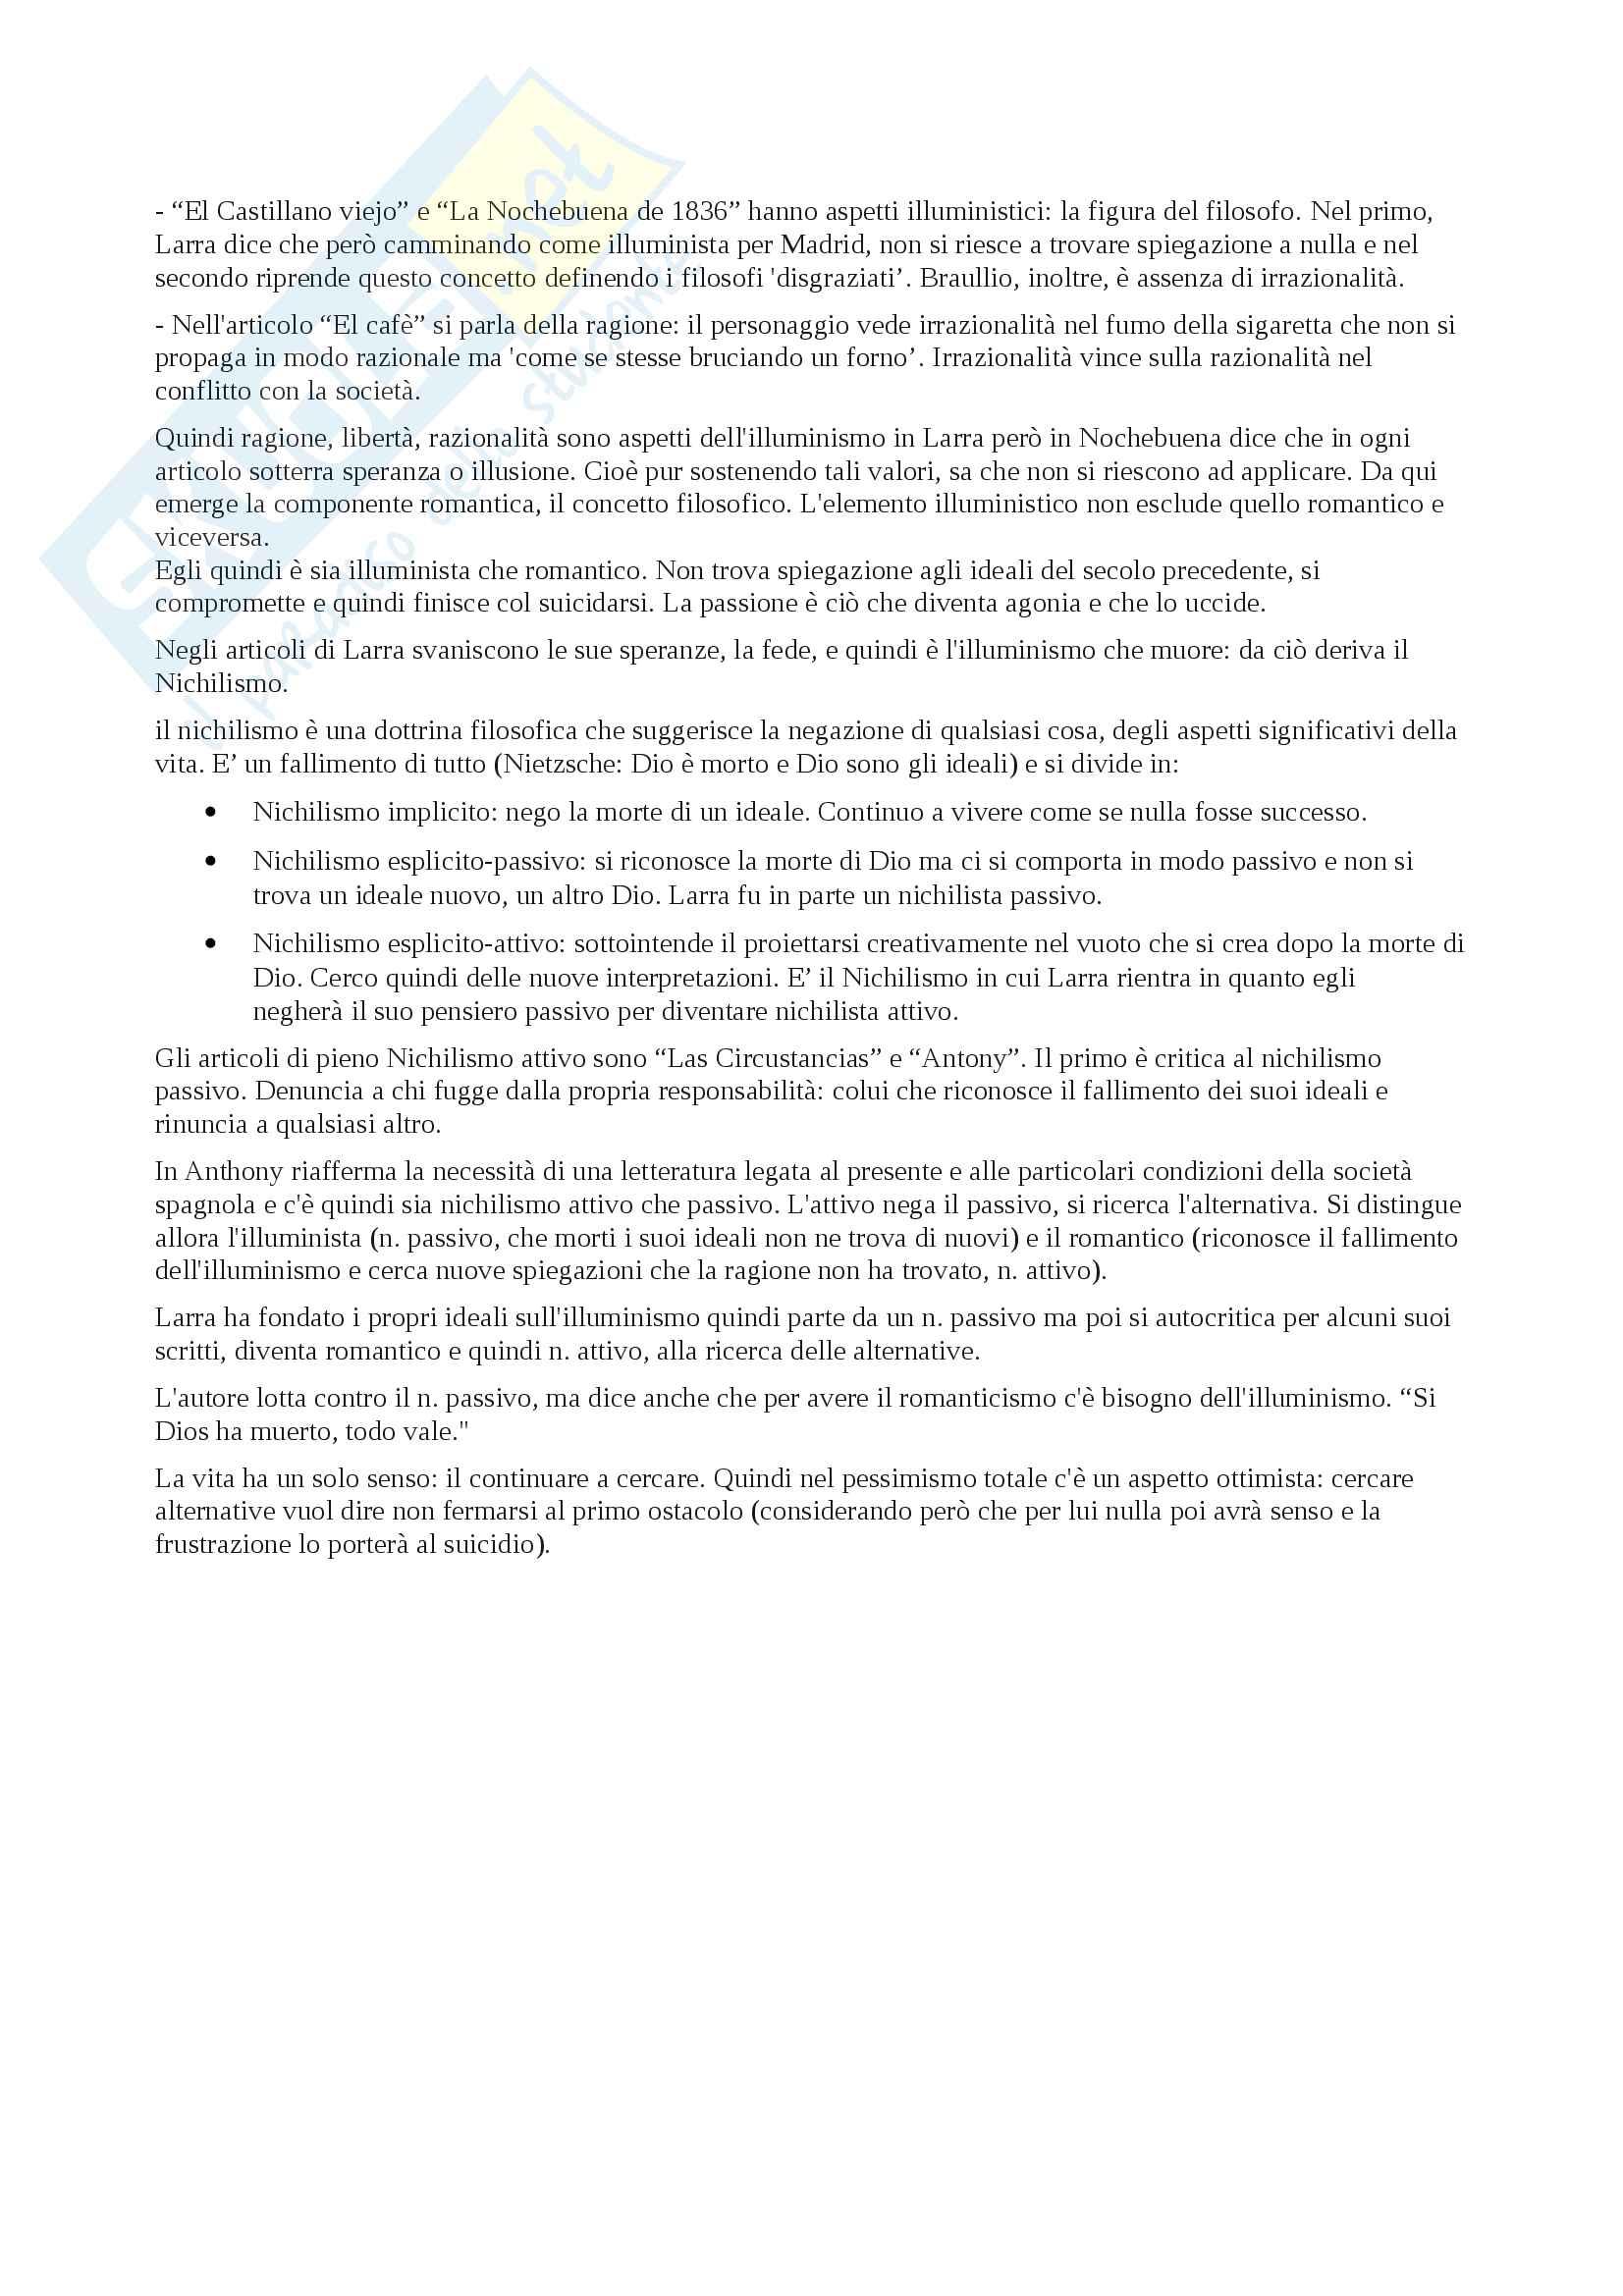 Appunti su Mariano José De Larra aa 2013 Pag. 6